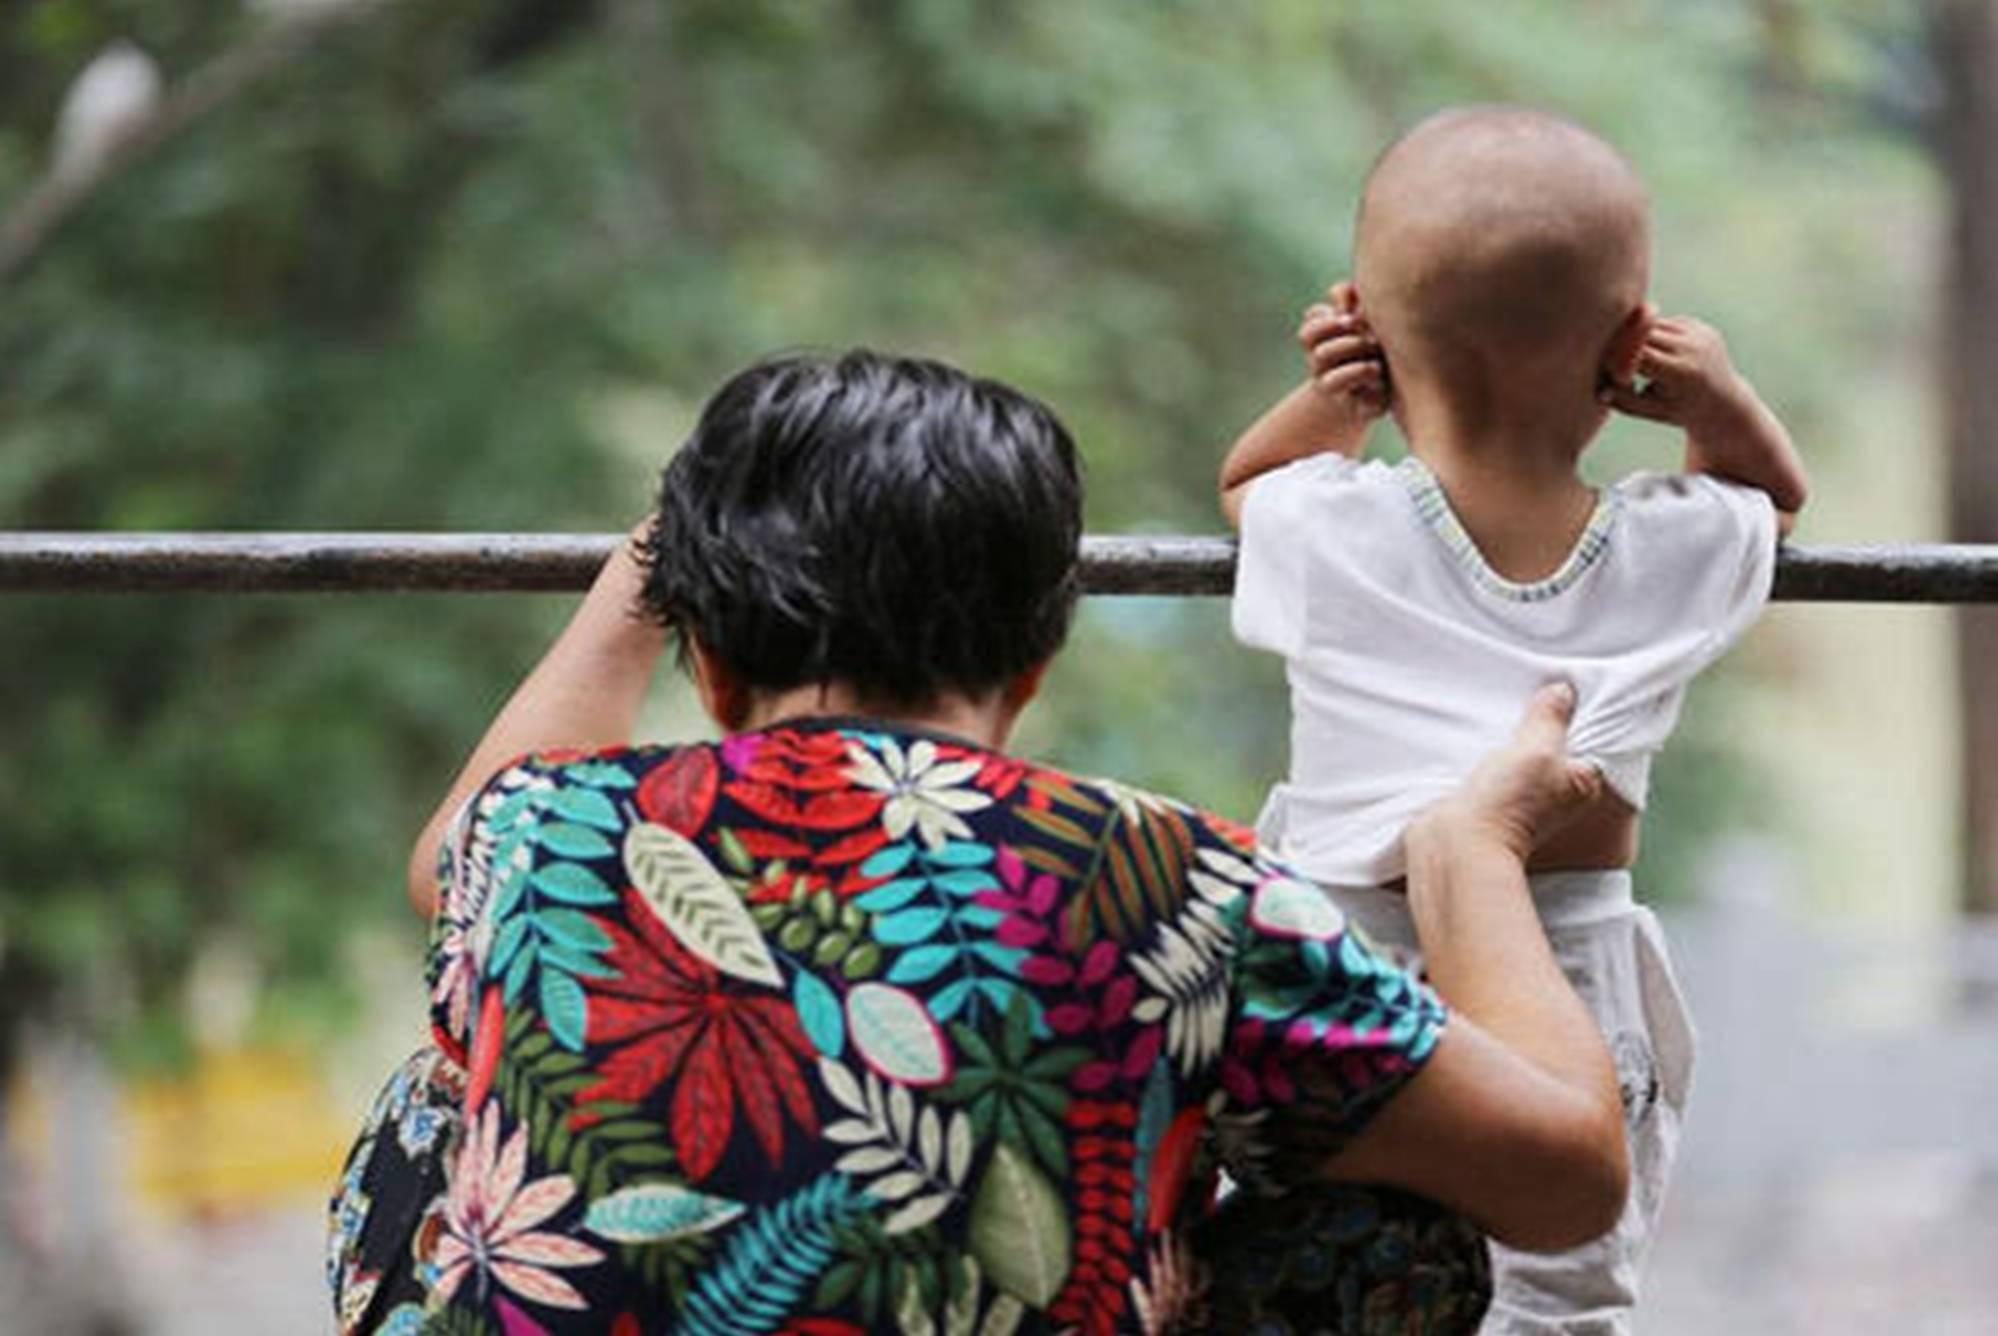 有婆婆带娃和没婆婆带娃的家庭很不同,有这些帮助,儿媳妇更幸福  第8张